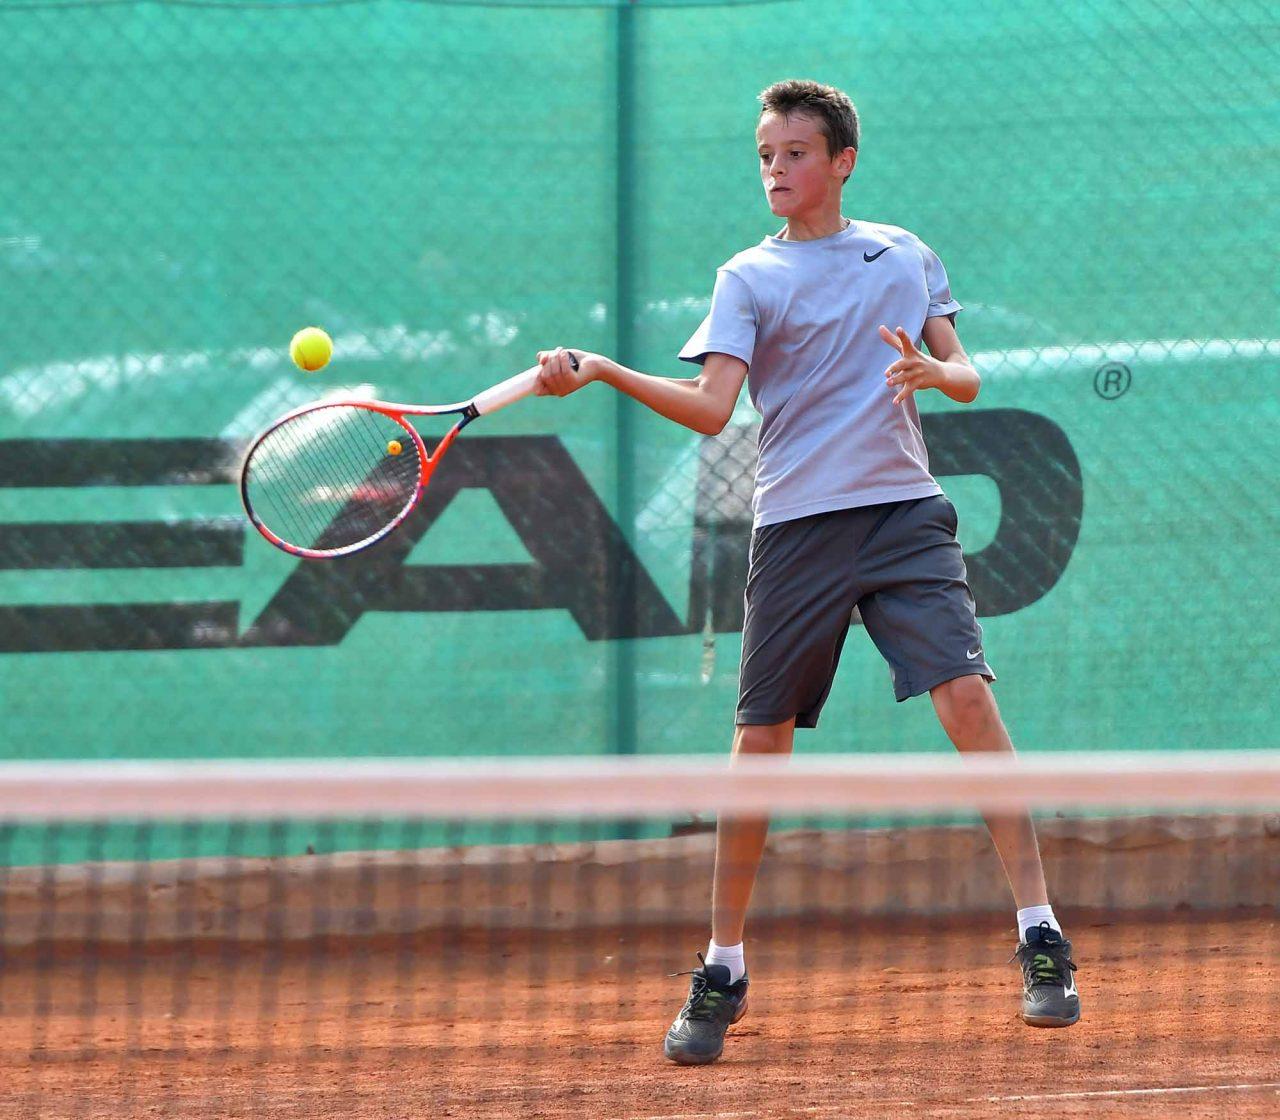 Държавно първенство тенис до 14 год. ТК 15-40 момчета (8)